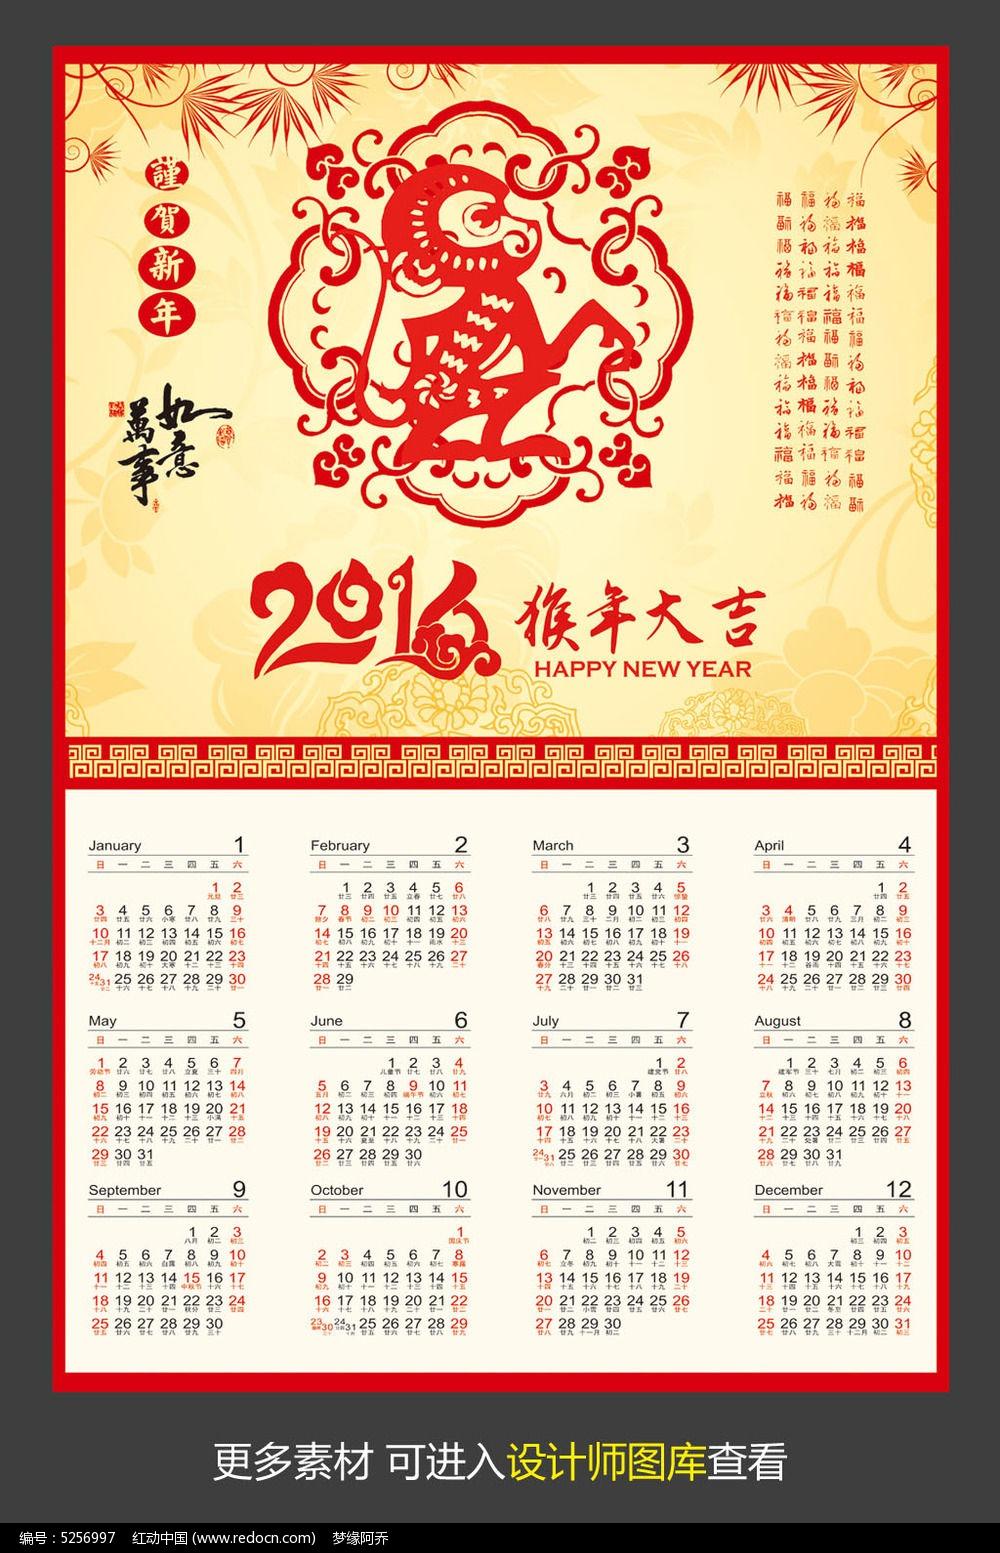 剪纸2016猴年日历挂历psd模板图片